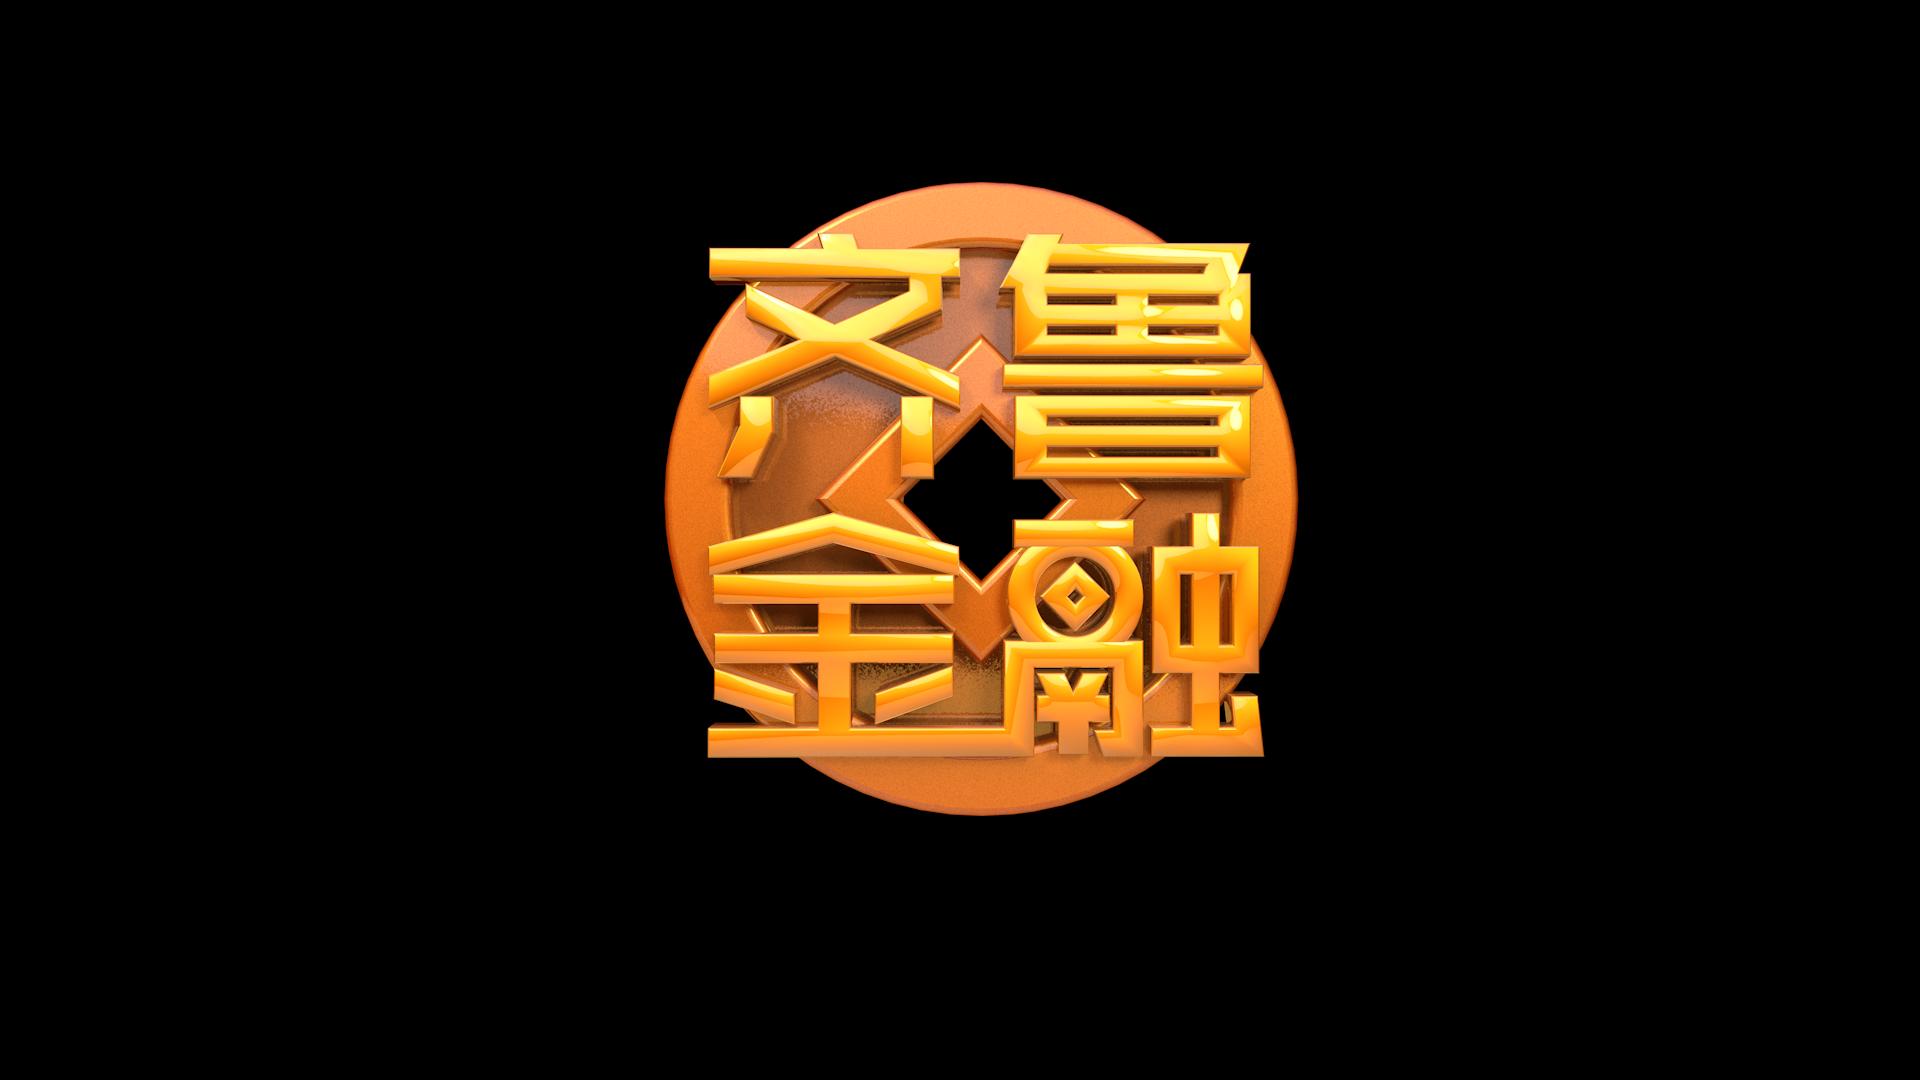 山东首档电视金融栏目《齐鲁金融》5月16日正式开播